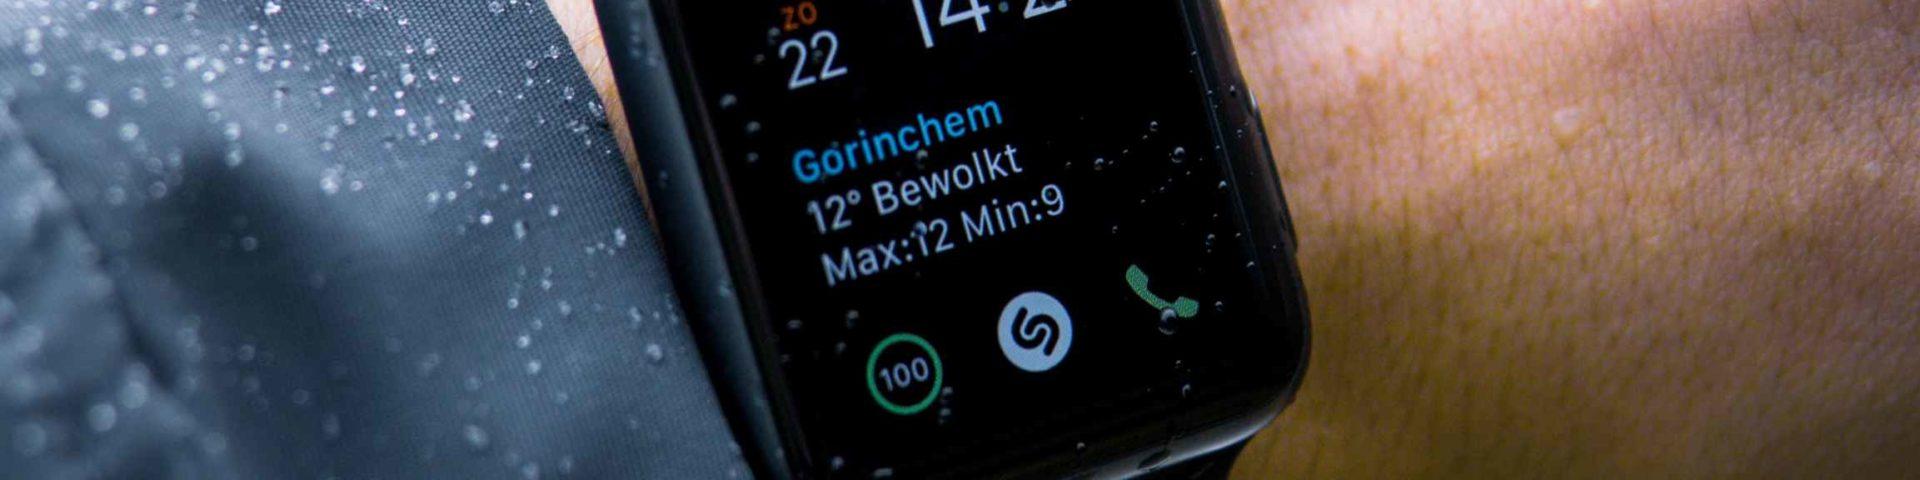 melhor smartwatch